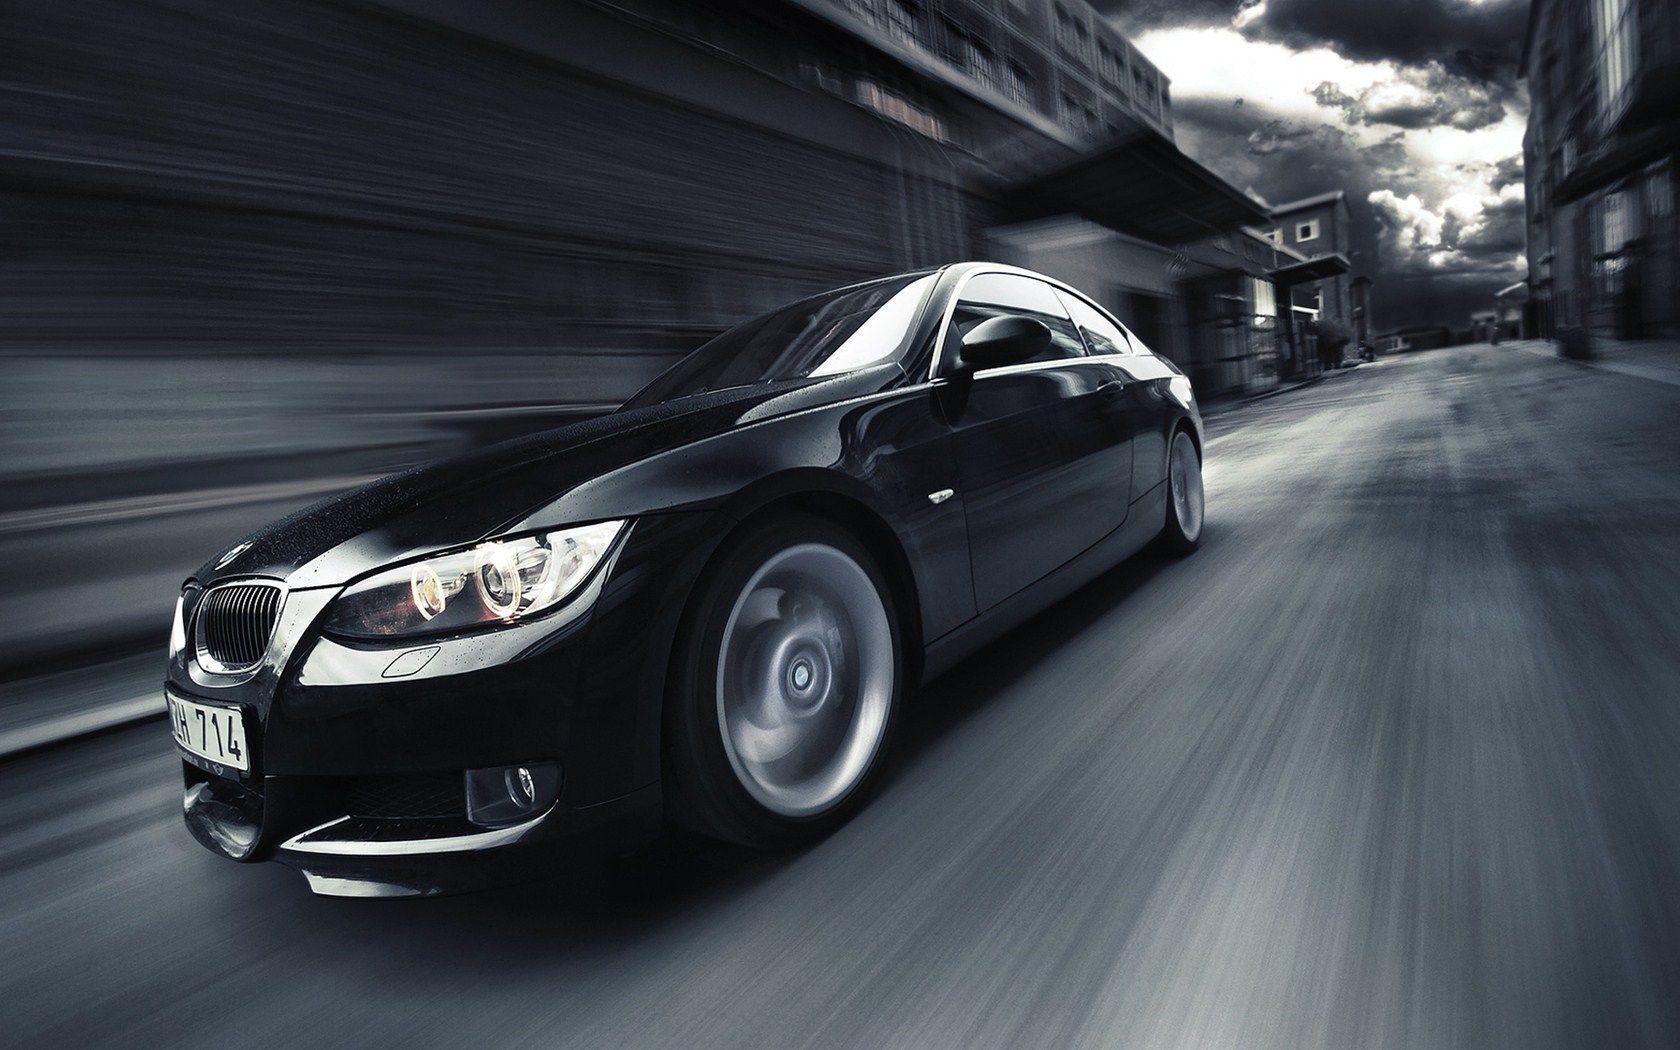 Matte Black BMW M3 Wallpaper HD